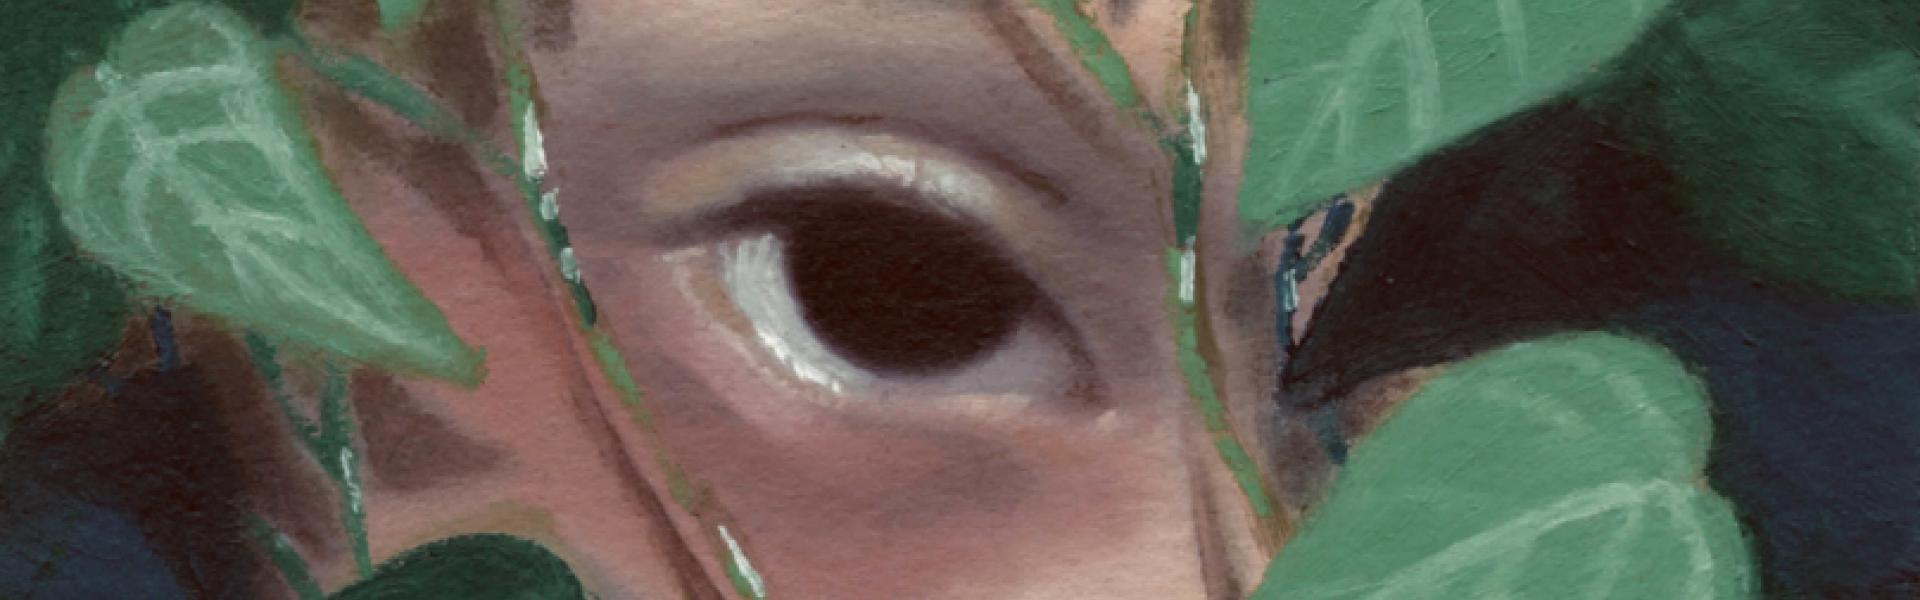 banner_Eye-Web.20200623180924.jpg